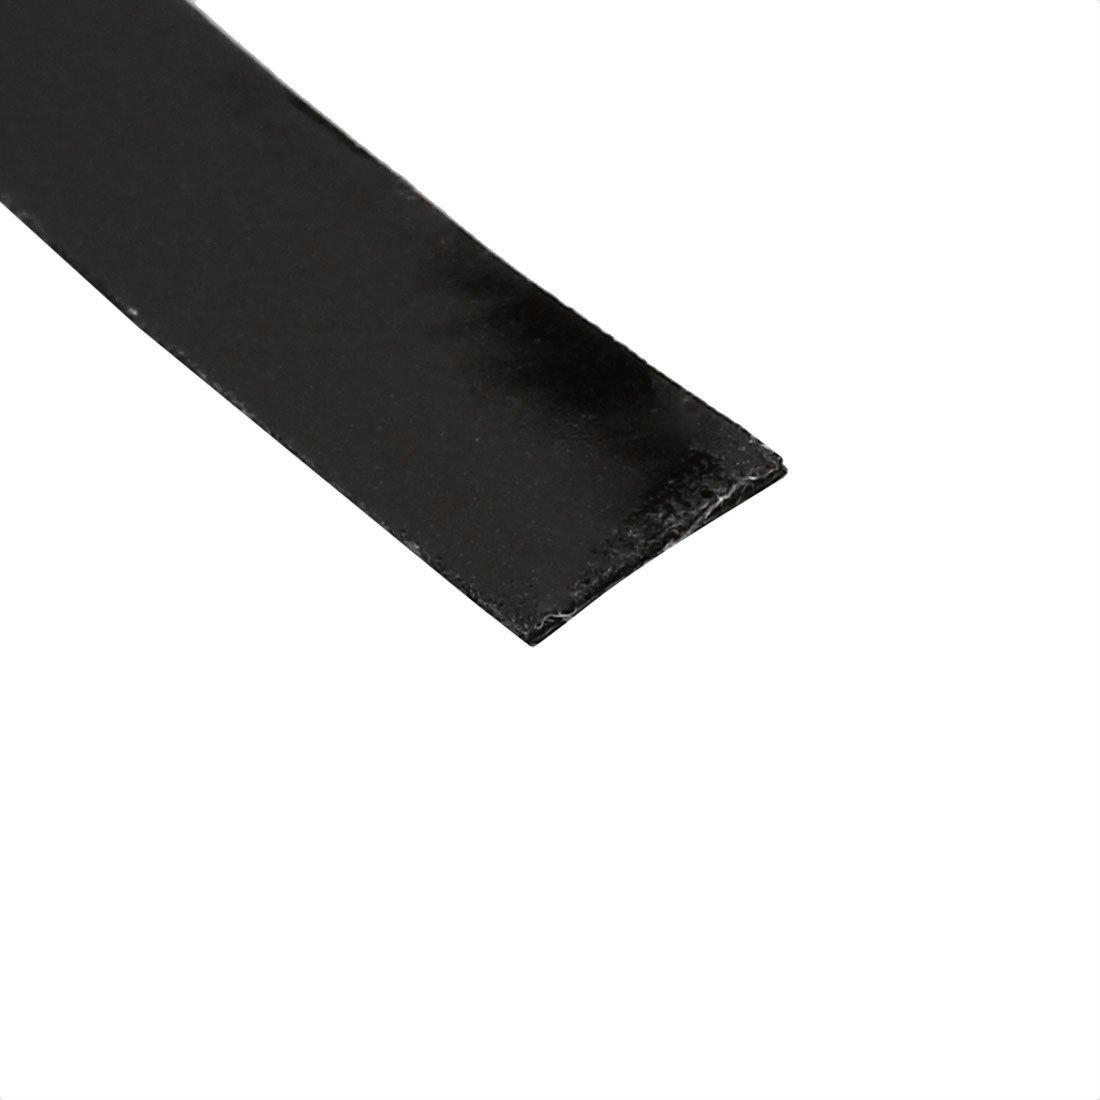 eDealMax 10 mm x 1 mm Negro Doble cara auto-adhesivo de la Cinta de espuma de la esponja 10M Longitud: Amazon.com: Industrial & Scientific